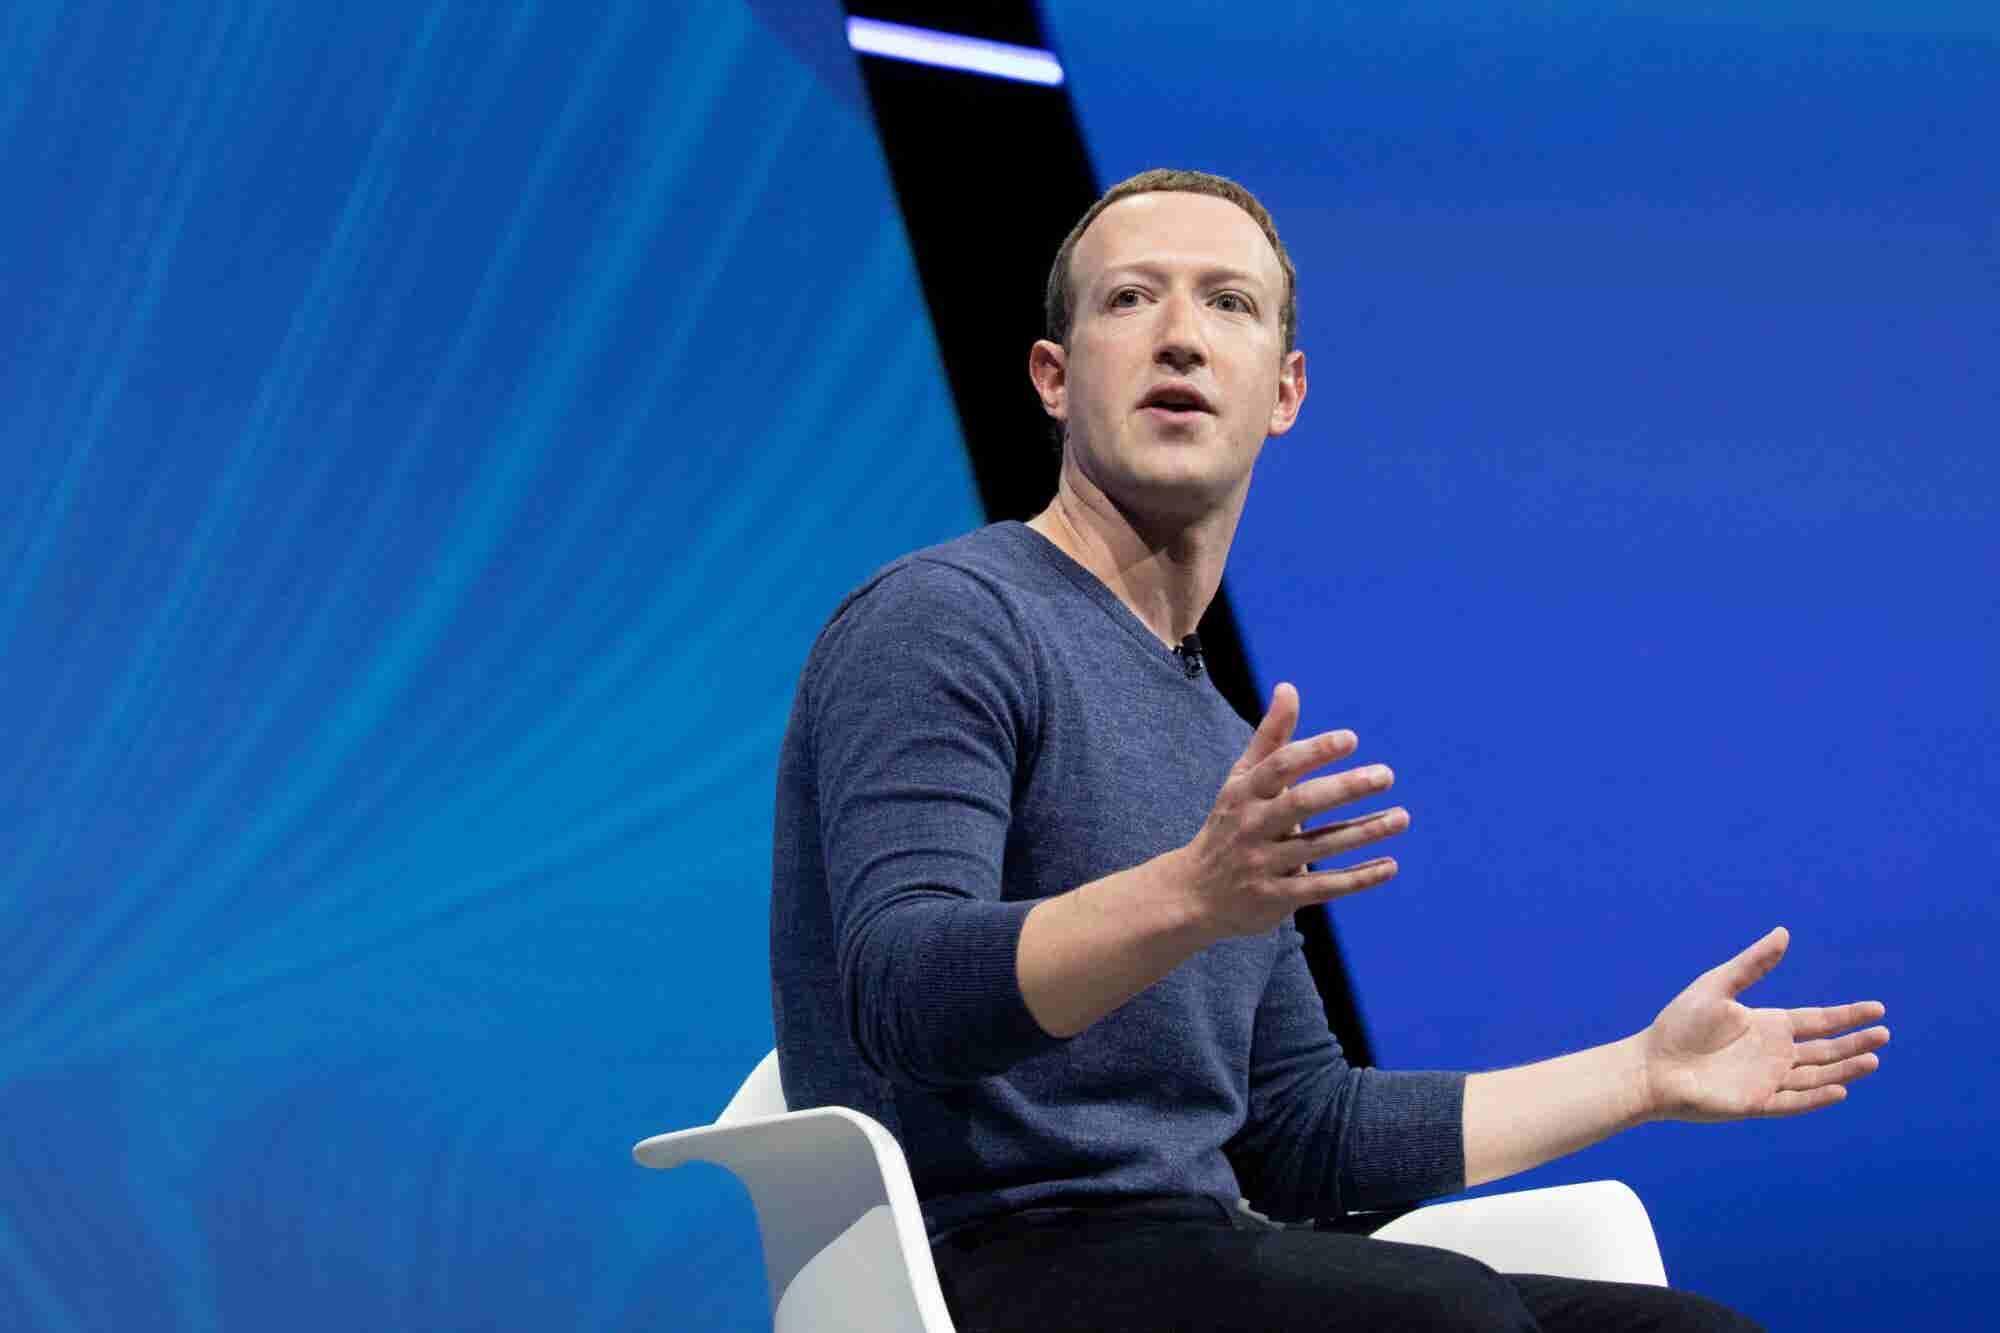 Read Mark Zuckerberg's Op-ed Describing Facebook's Efforts as an 'Arms Race'